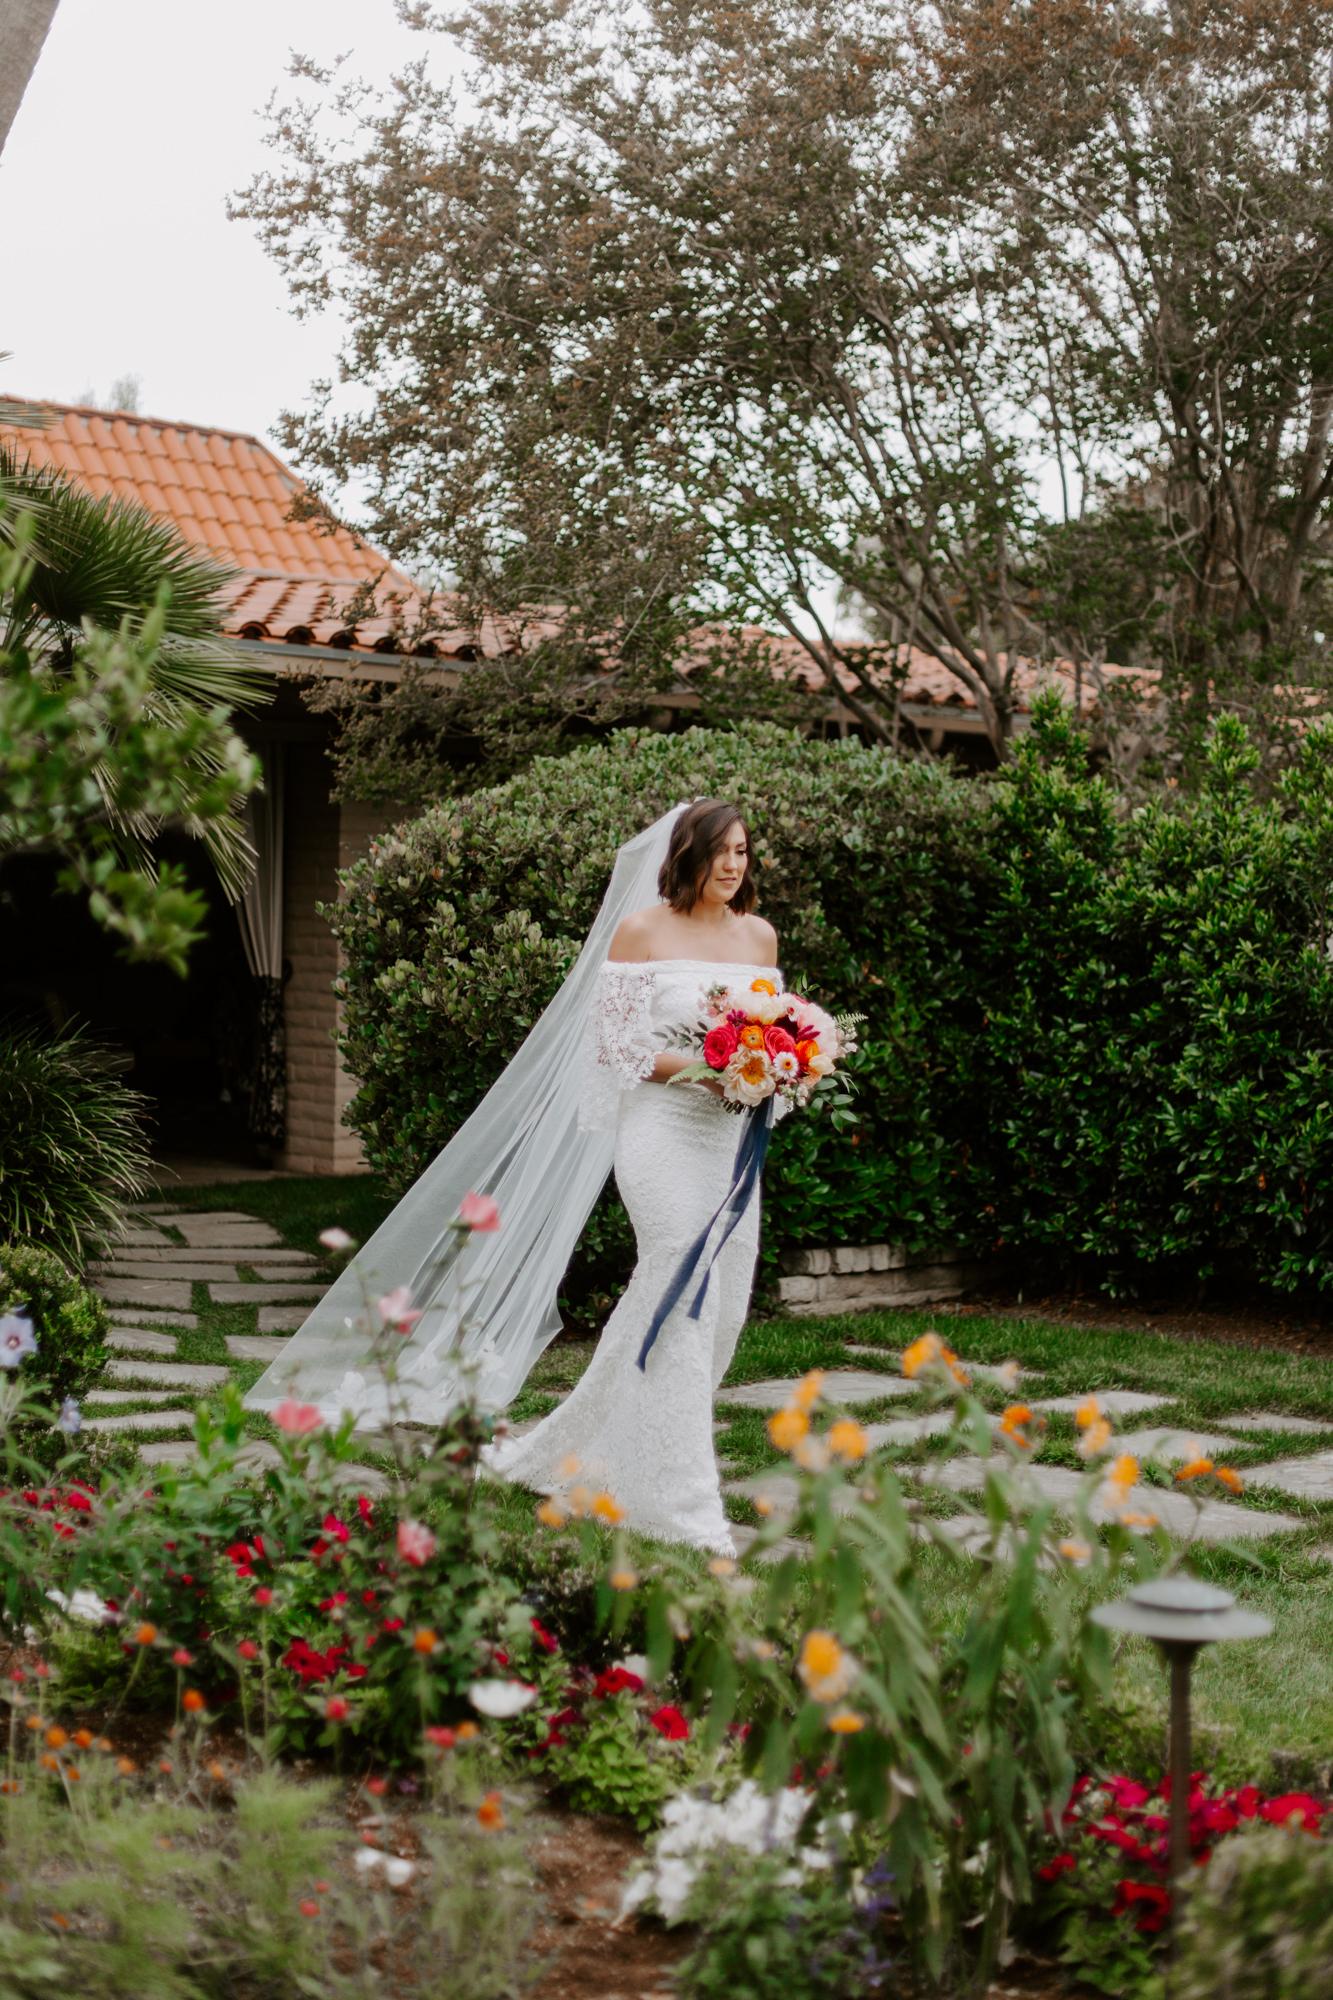 Rancho bernardo Inn san deigo wedding photography0030.jpg